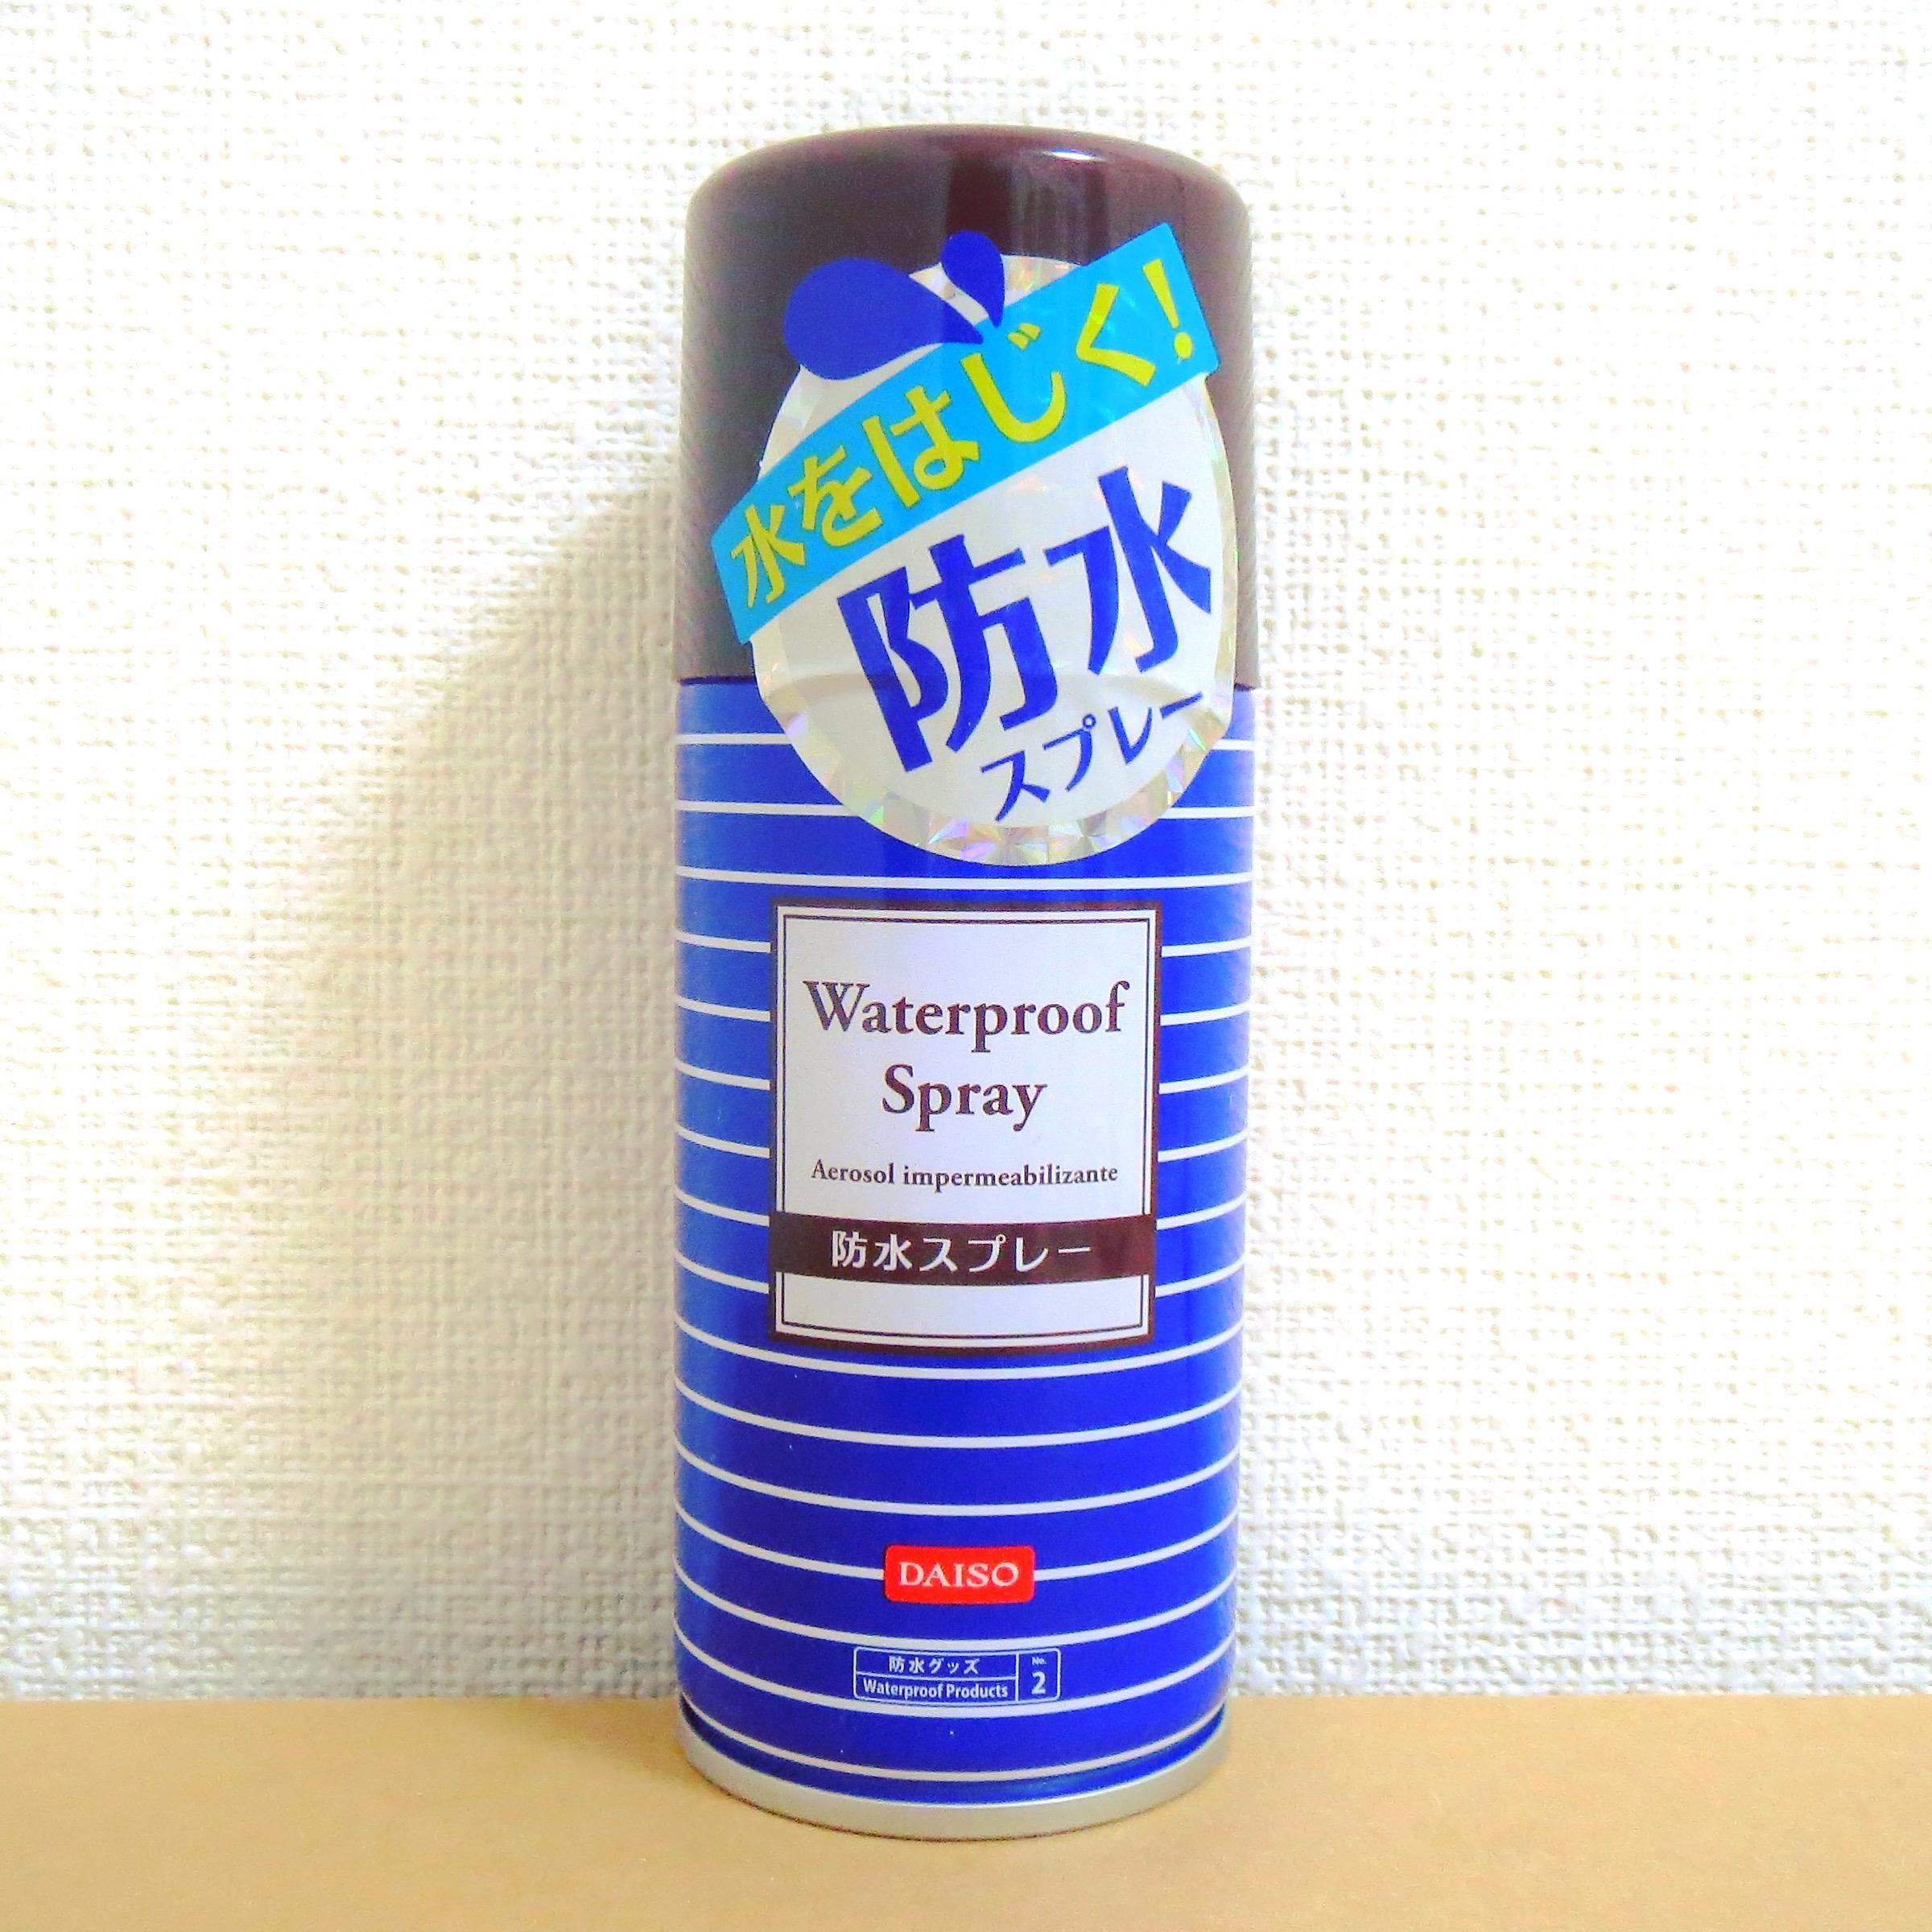 防水スプレー(ダイソー)